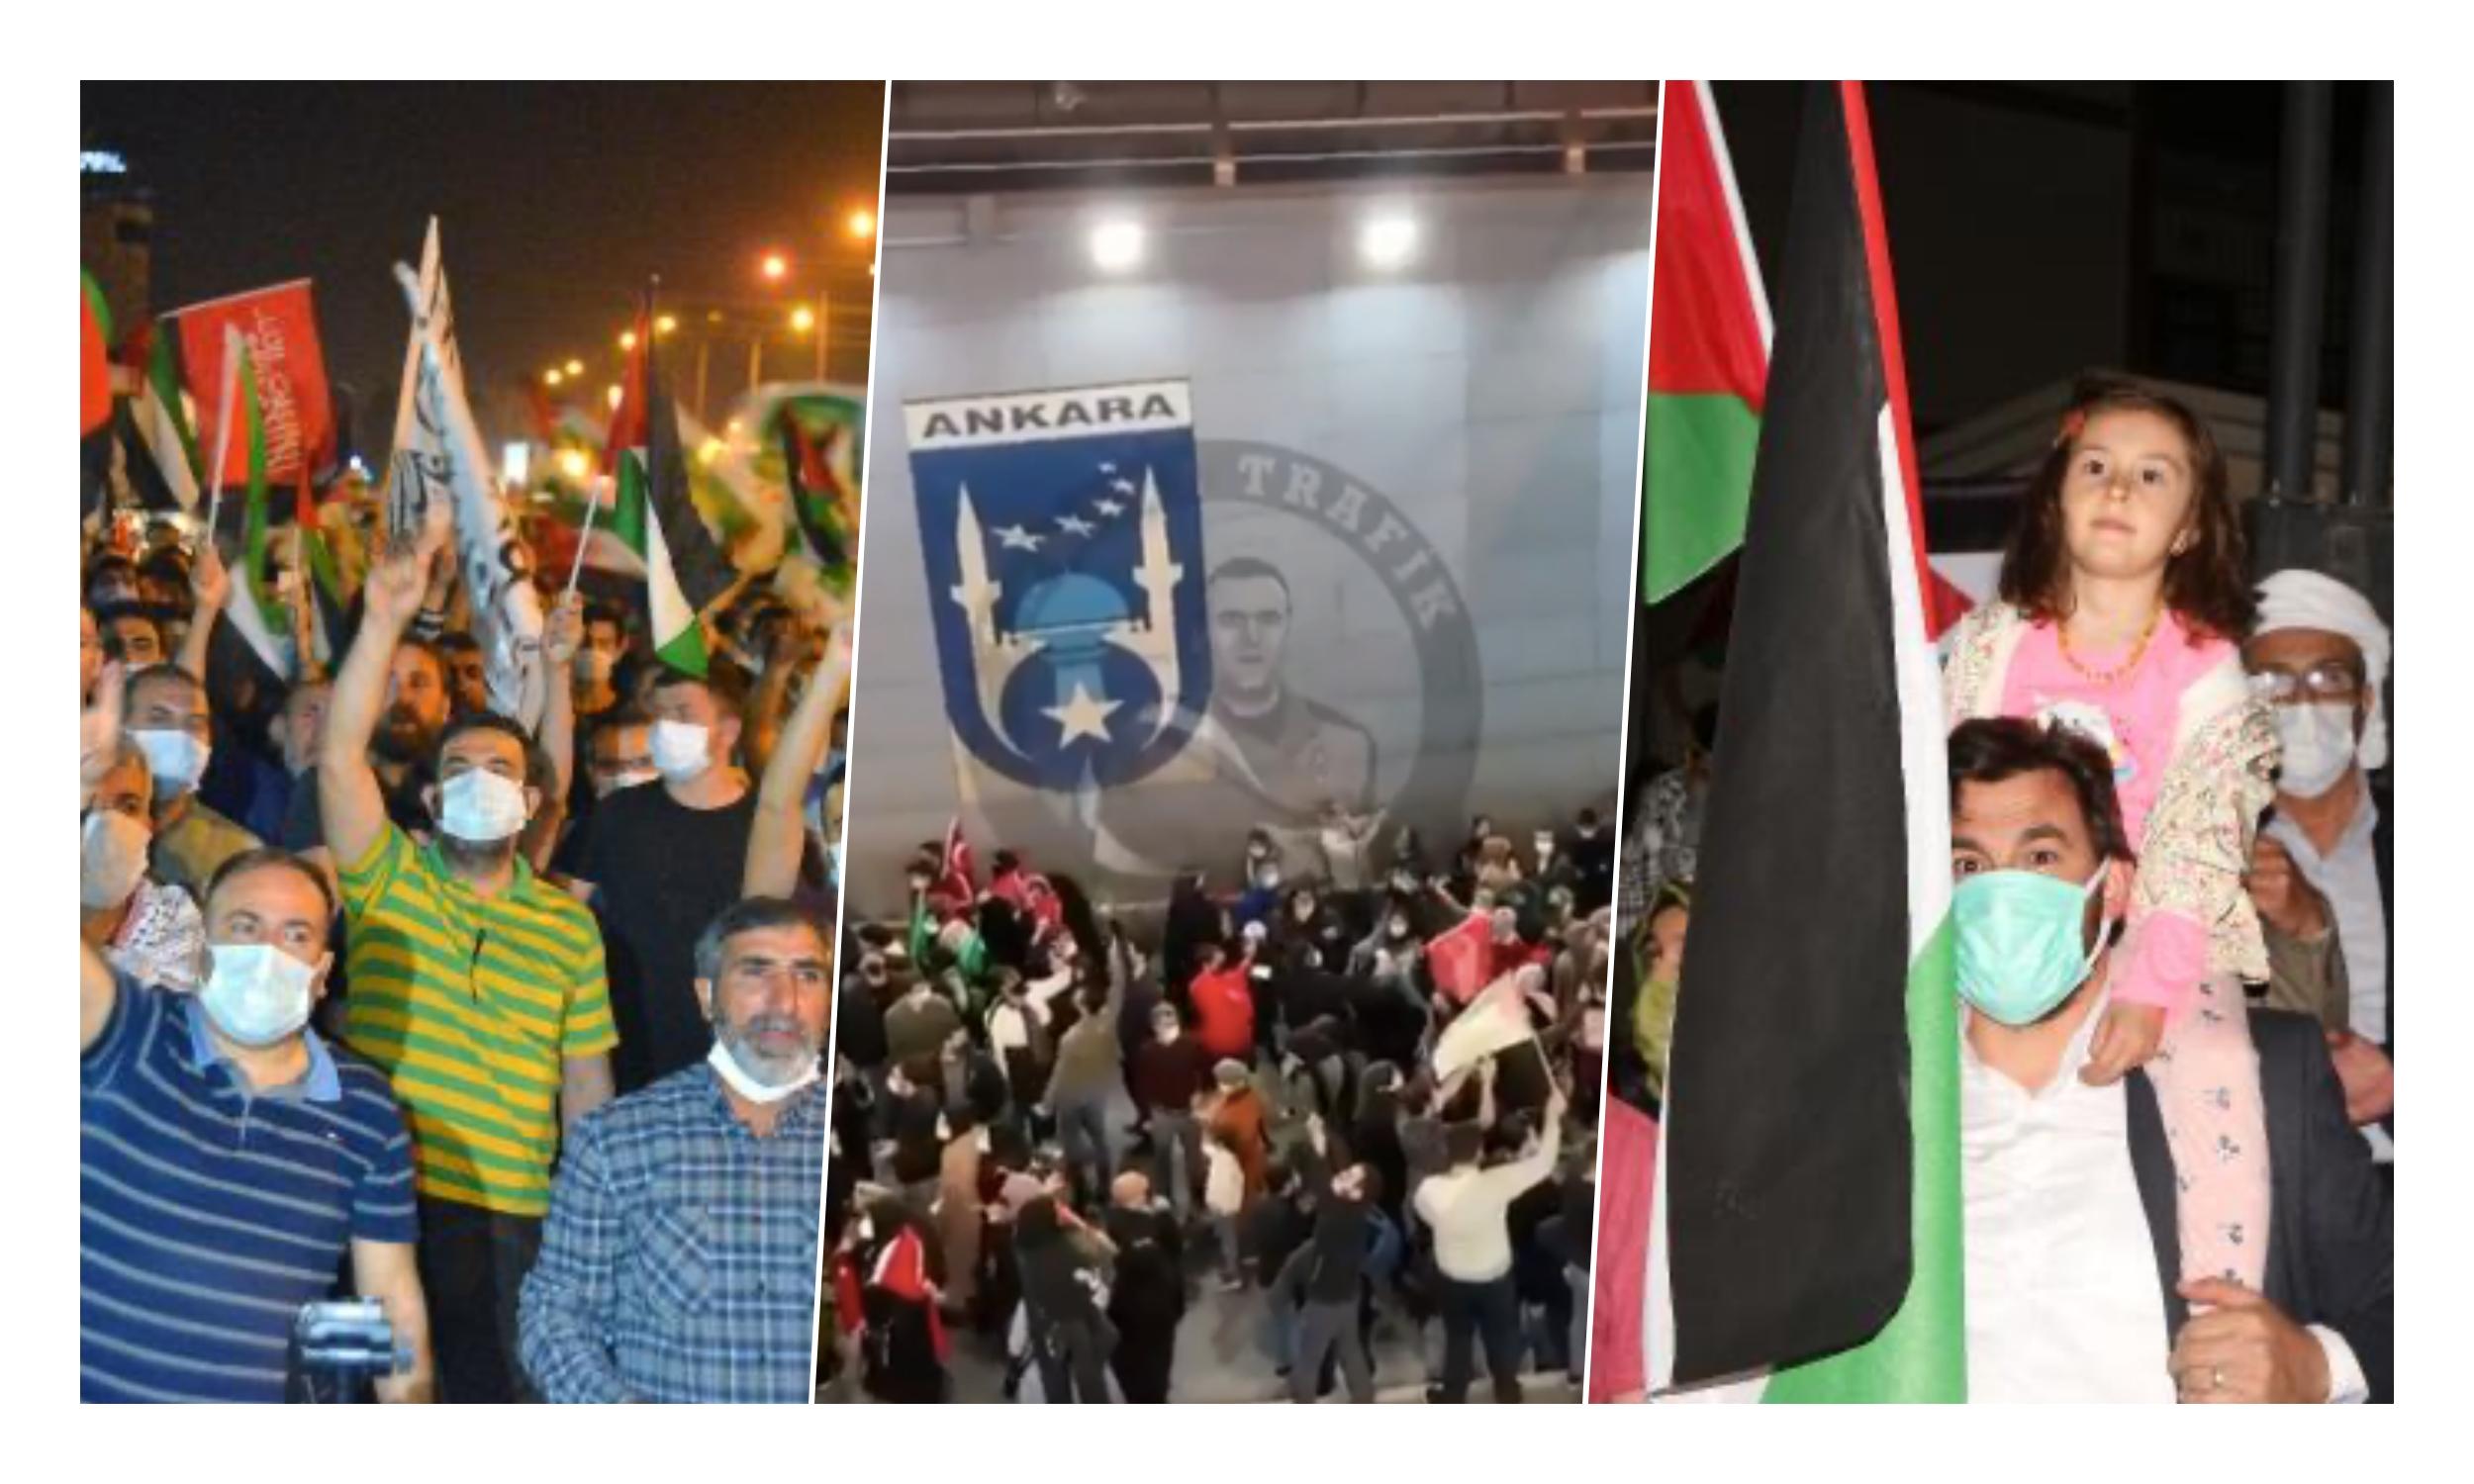 Bazıları Yine Yasaklardan Üstün: Korona Önlemlerini Hiçe Sayan Kalabalık Gruplar İsrail Protestosu Düzenledi